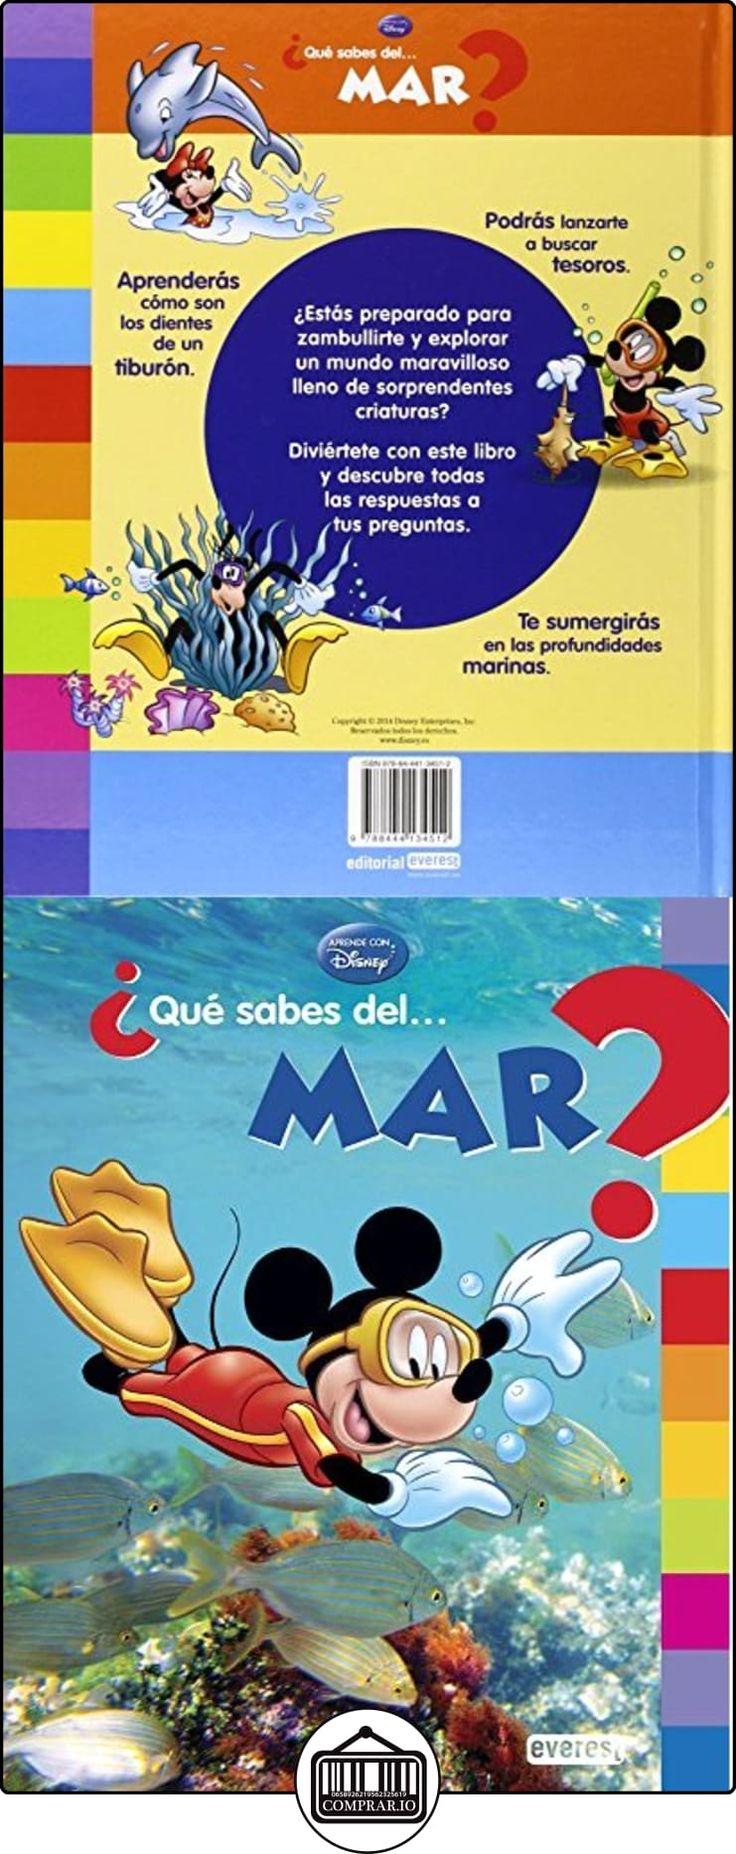 ¿Qué Sabes Del... Mar? Walt Disney Company ✿ Libros infantiles y juveniles - (De 3 a 6 años) ✿